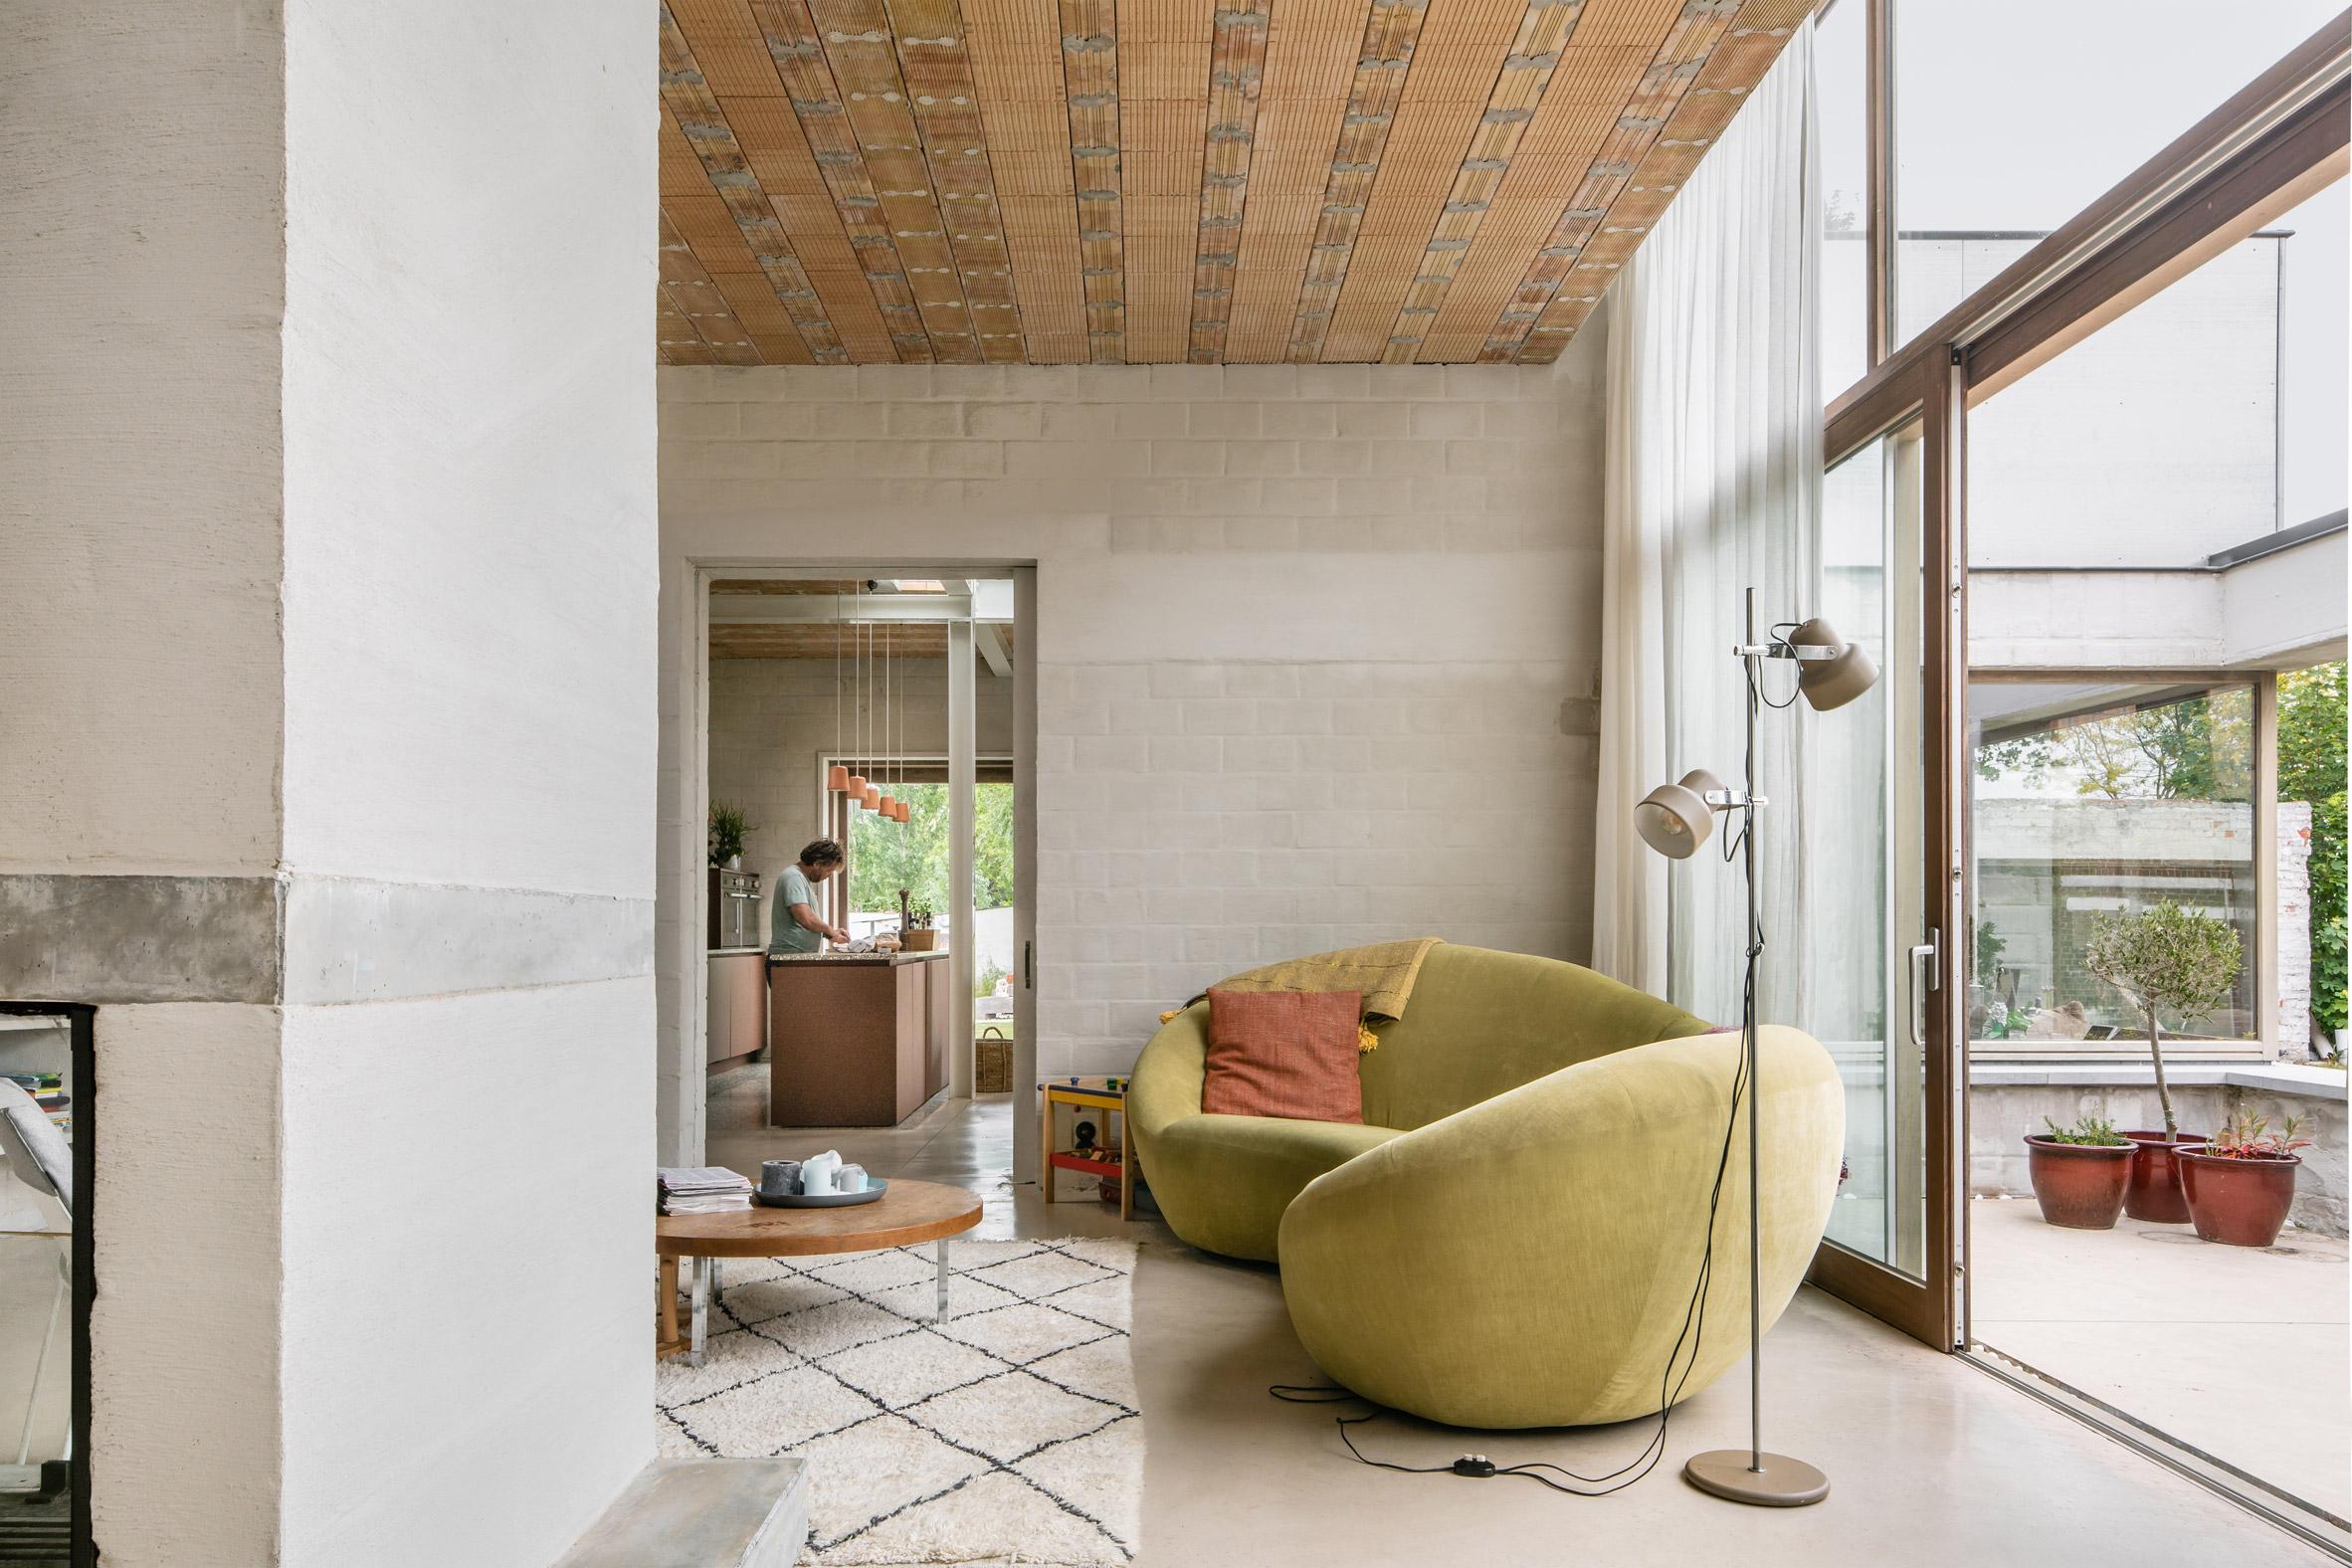 A living room inside House C-VL